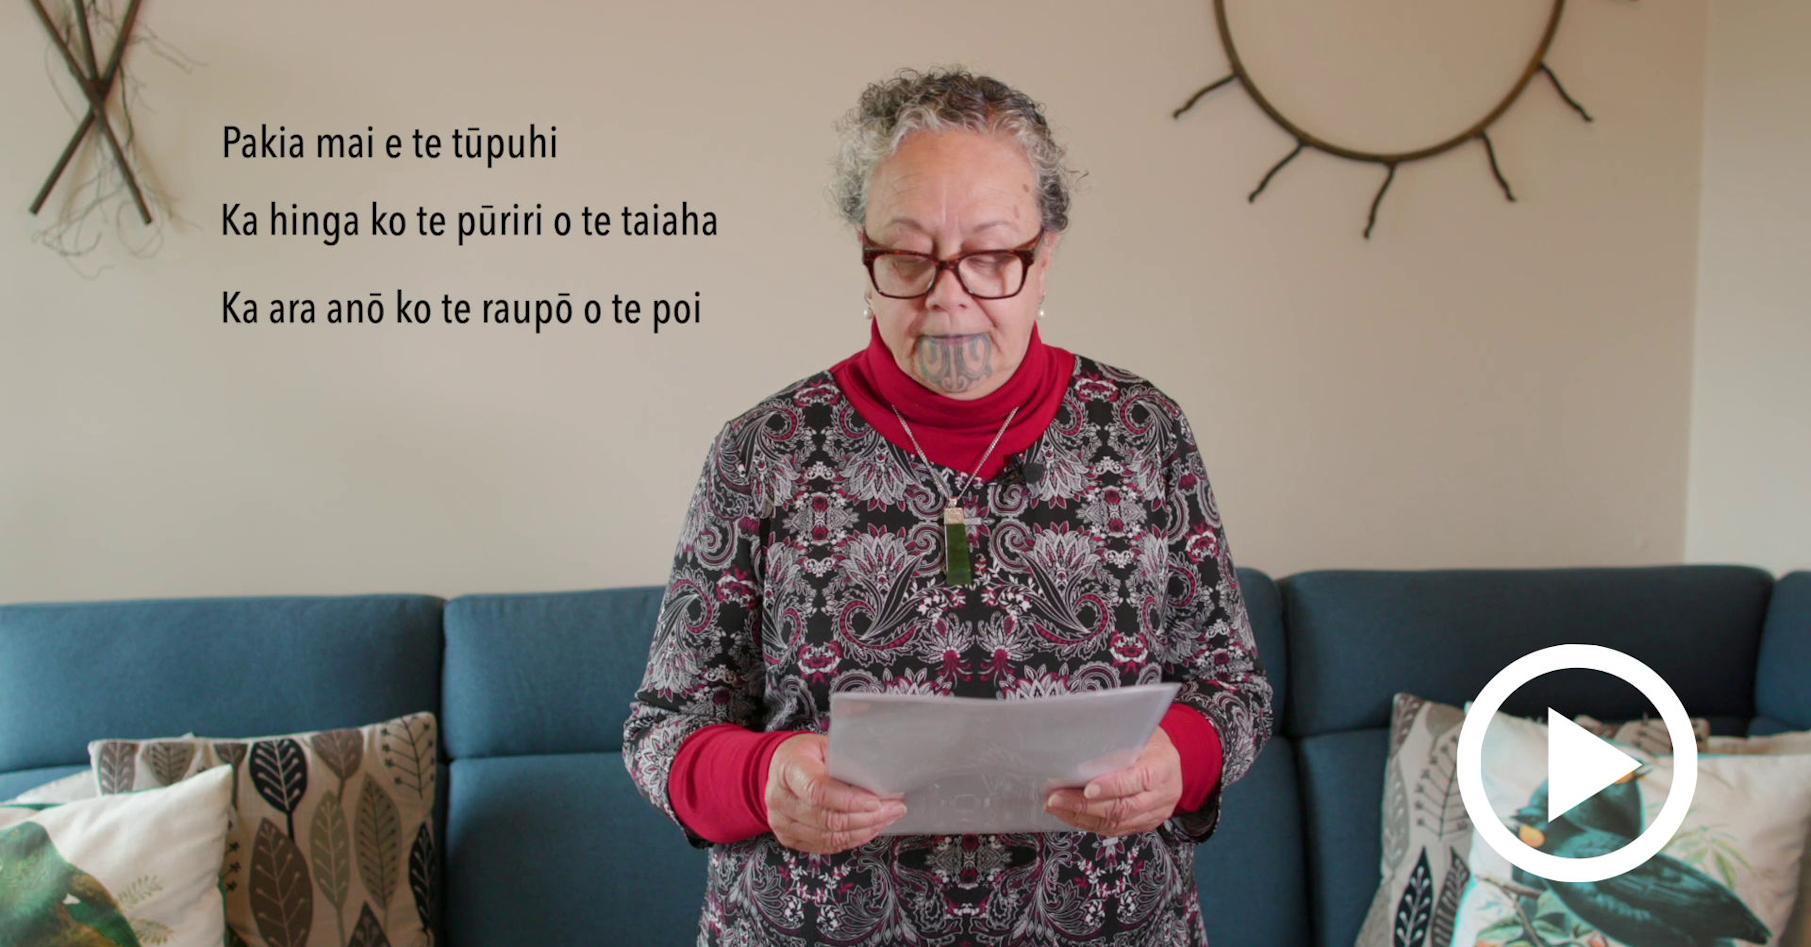 Ngaropi-Raumati.jpg